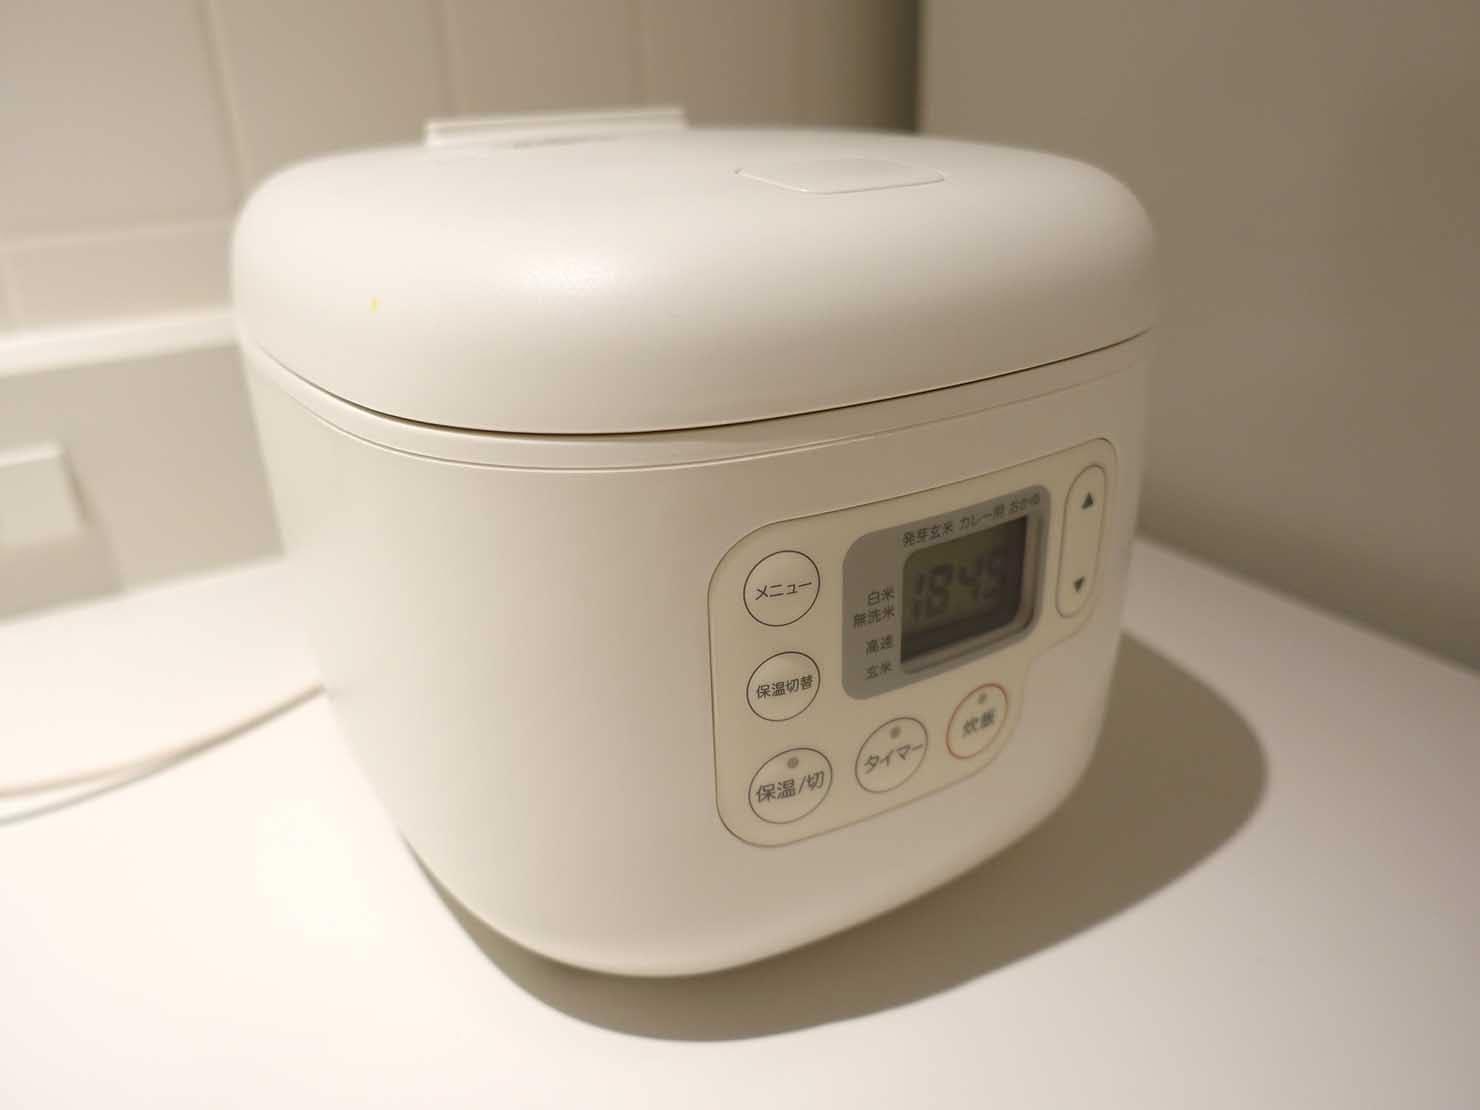 広島・八丁堀のおしゃれなリノベホテル「KIRO広島 The Share Hotels」シェアキッチンの炊飯器